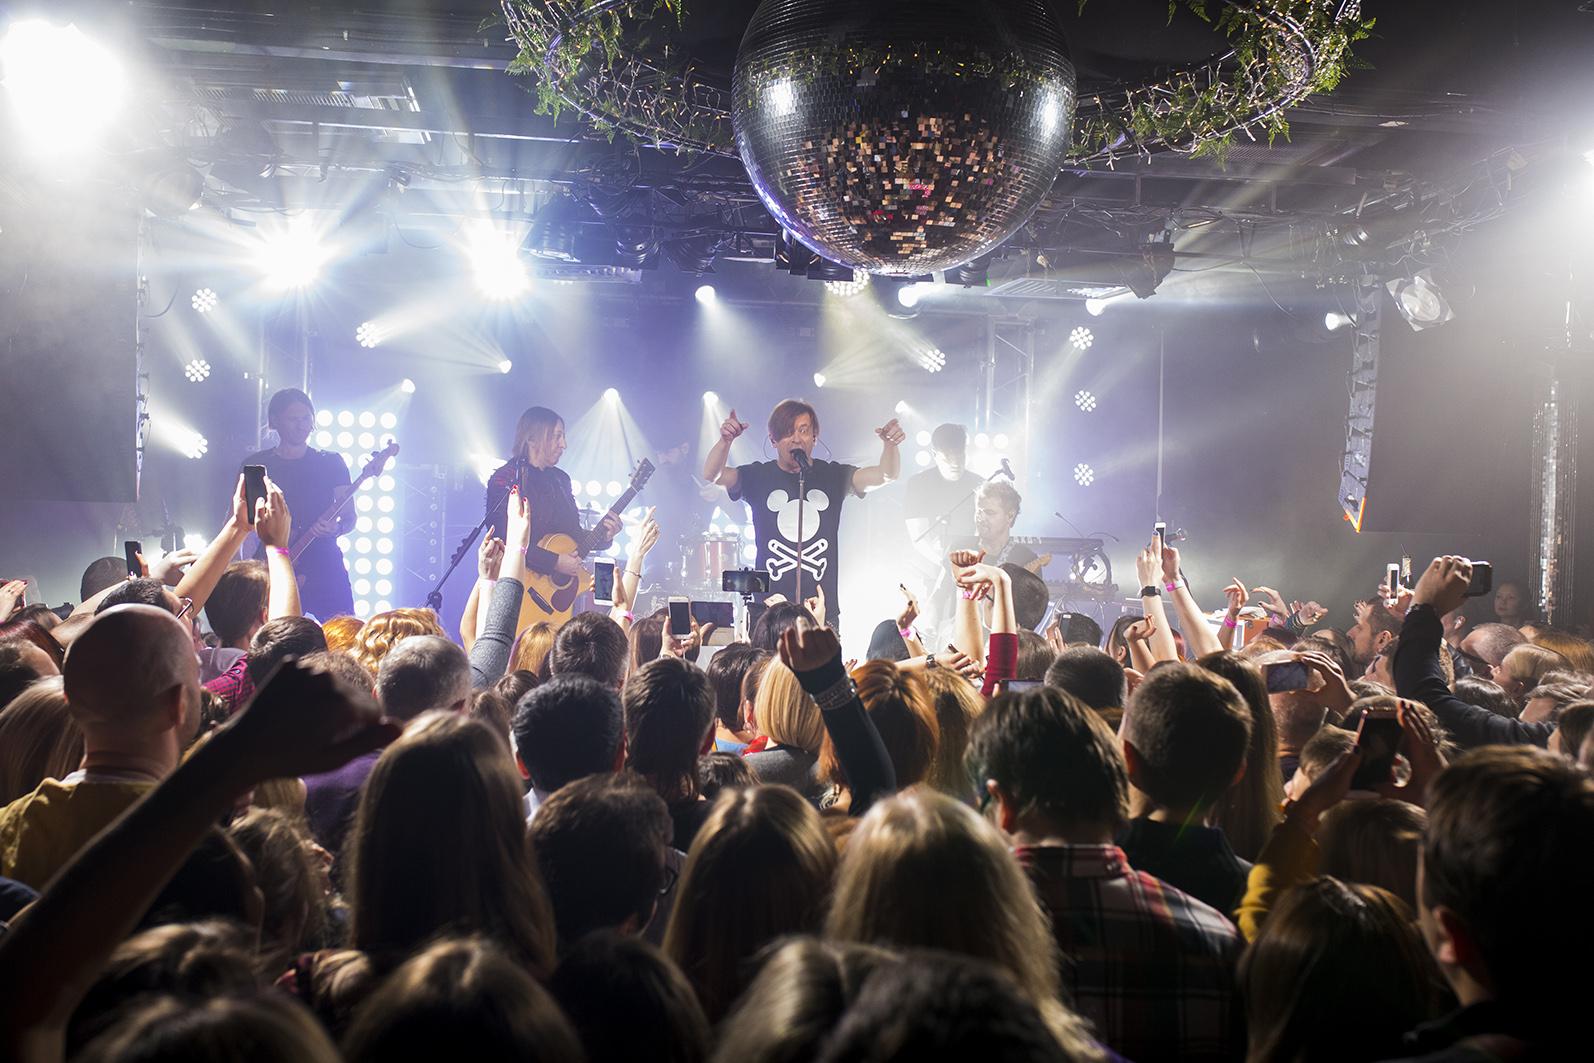 Би 2 концерт в клубе в москве клуб аэронавт в москве